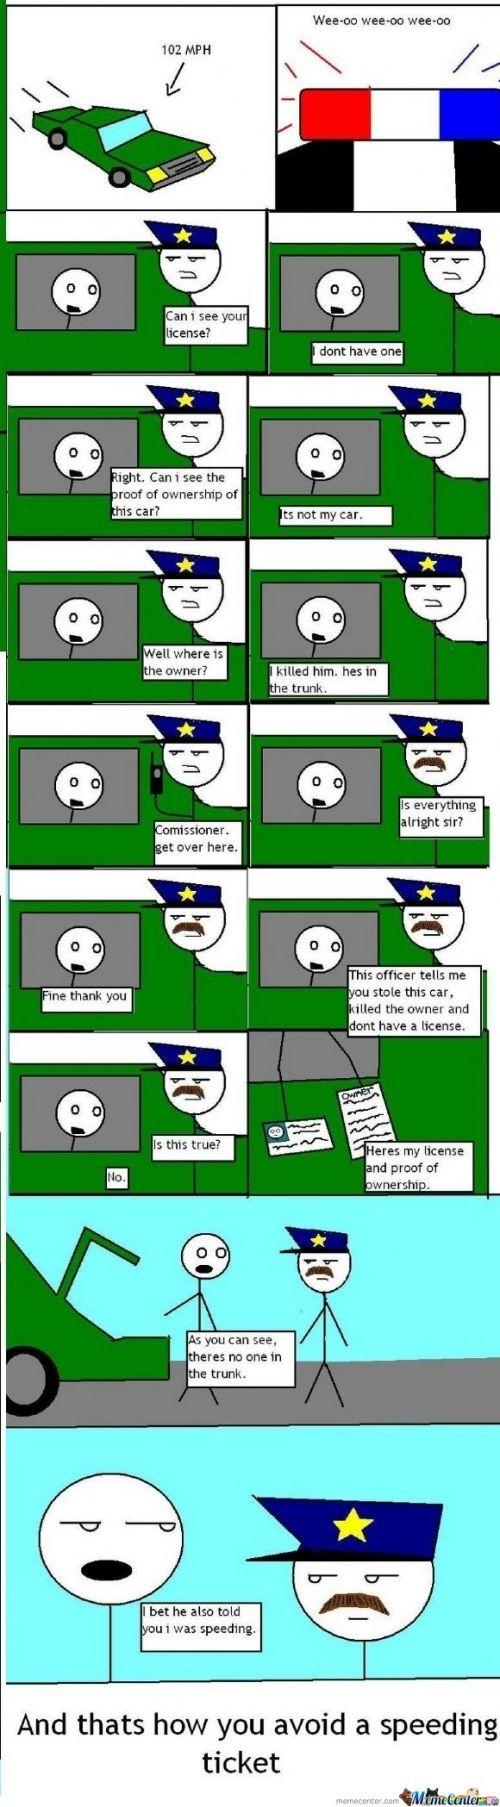 how to avoid speeding ticket     #Meme #FunnyMeme